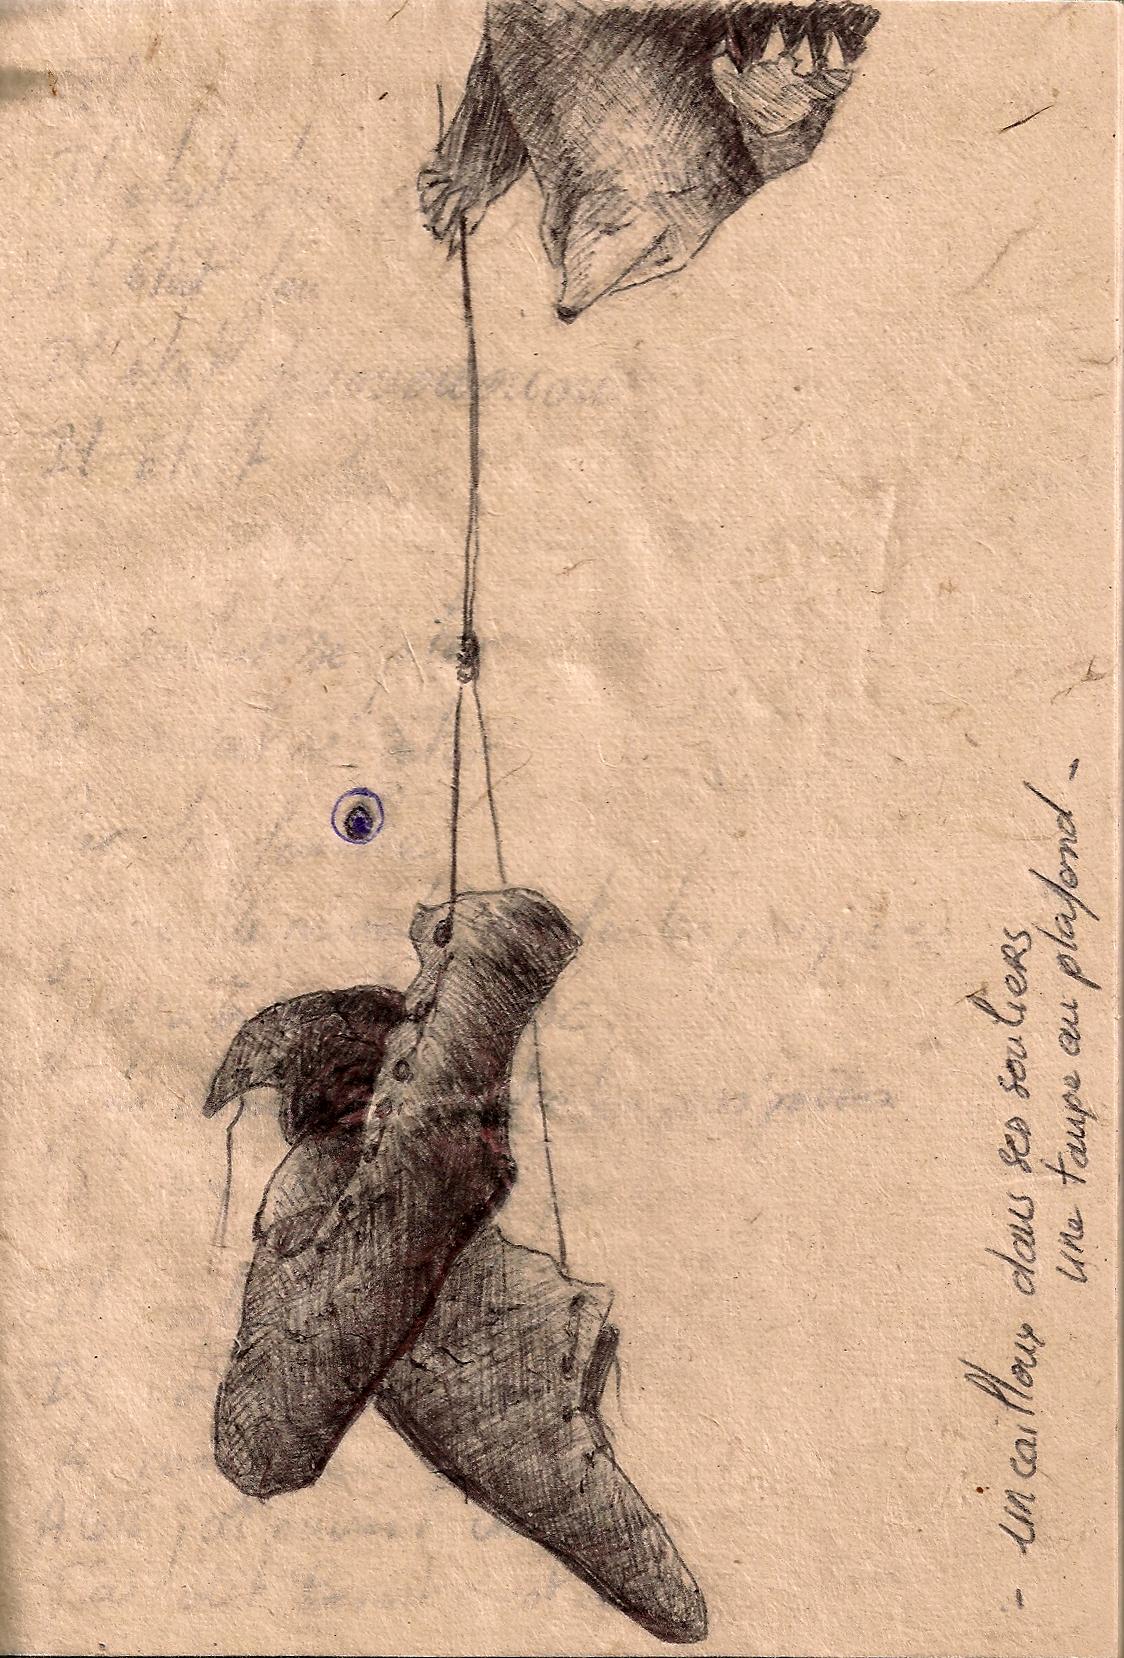 Un caillou dans ses souliers, une taupe au plafond